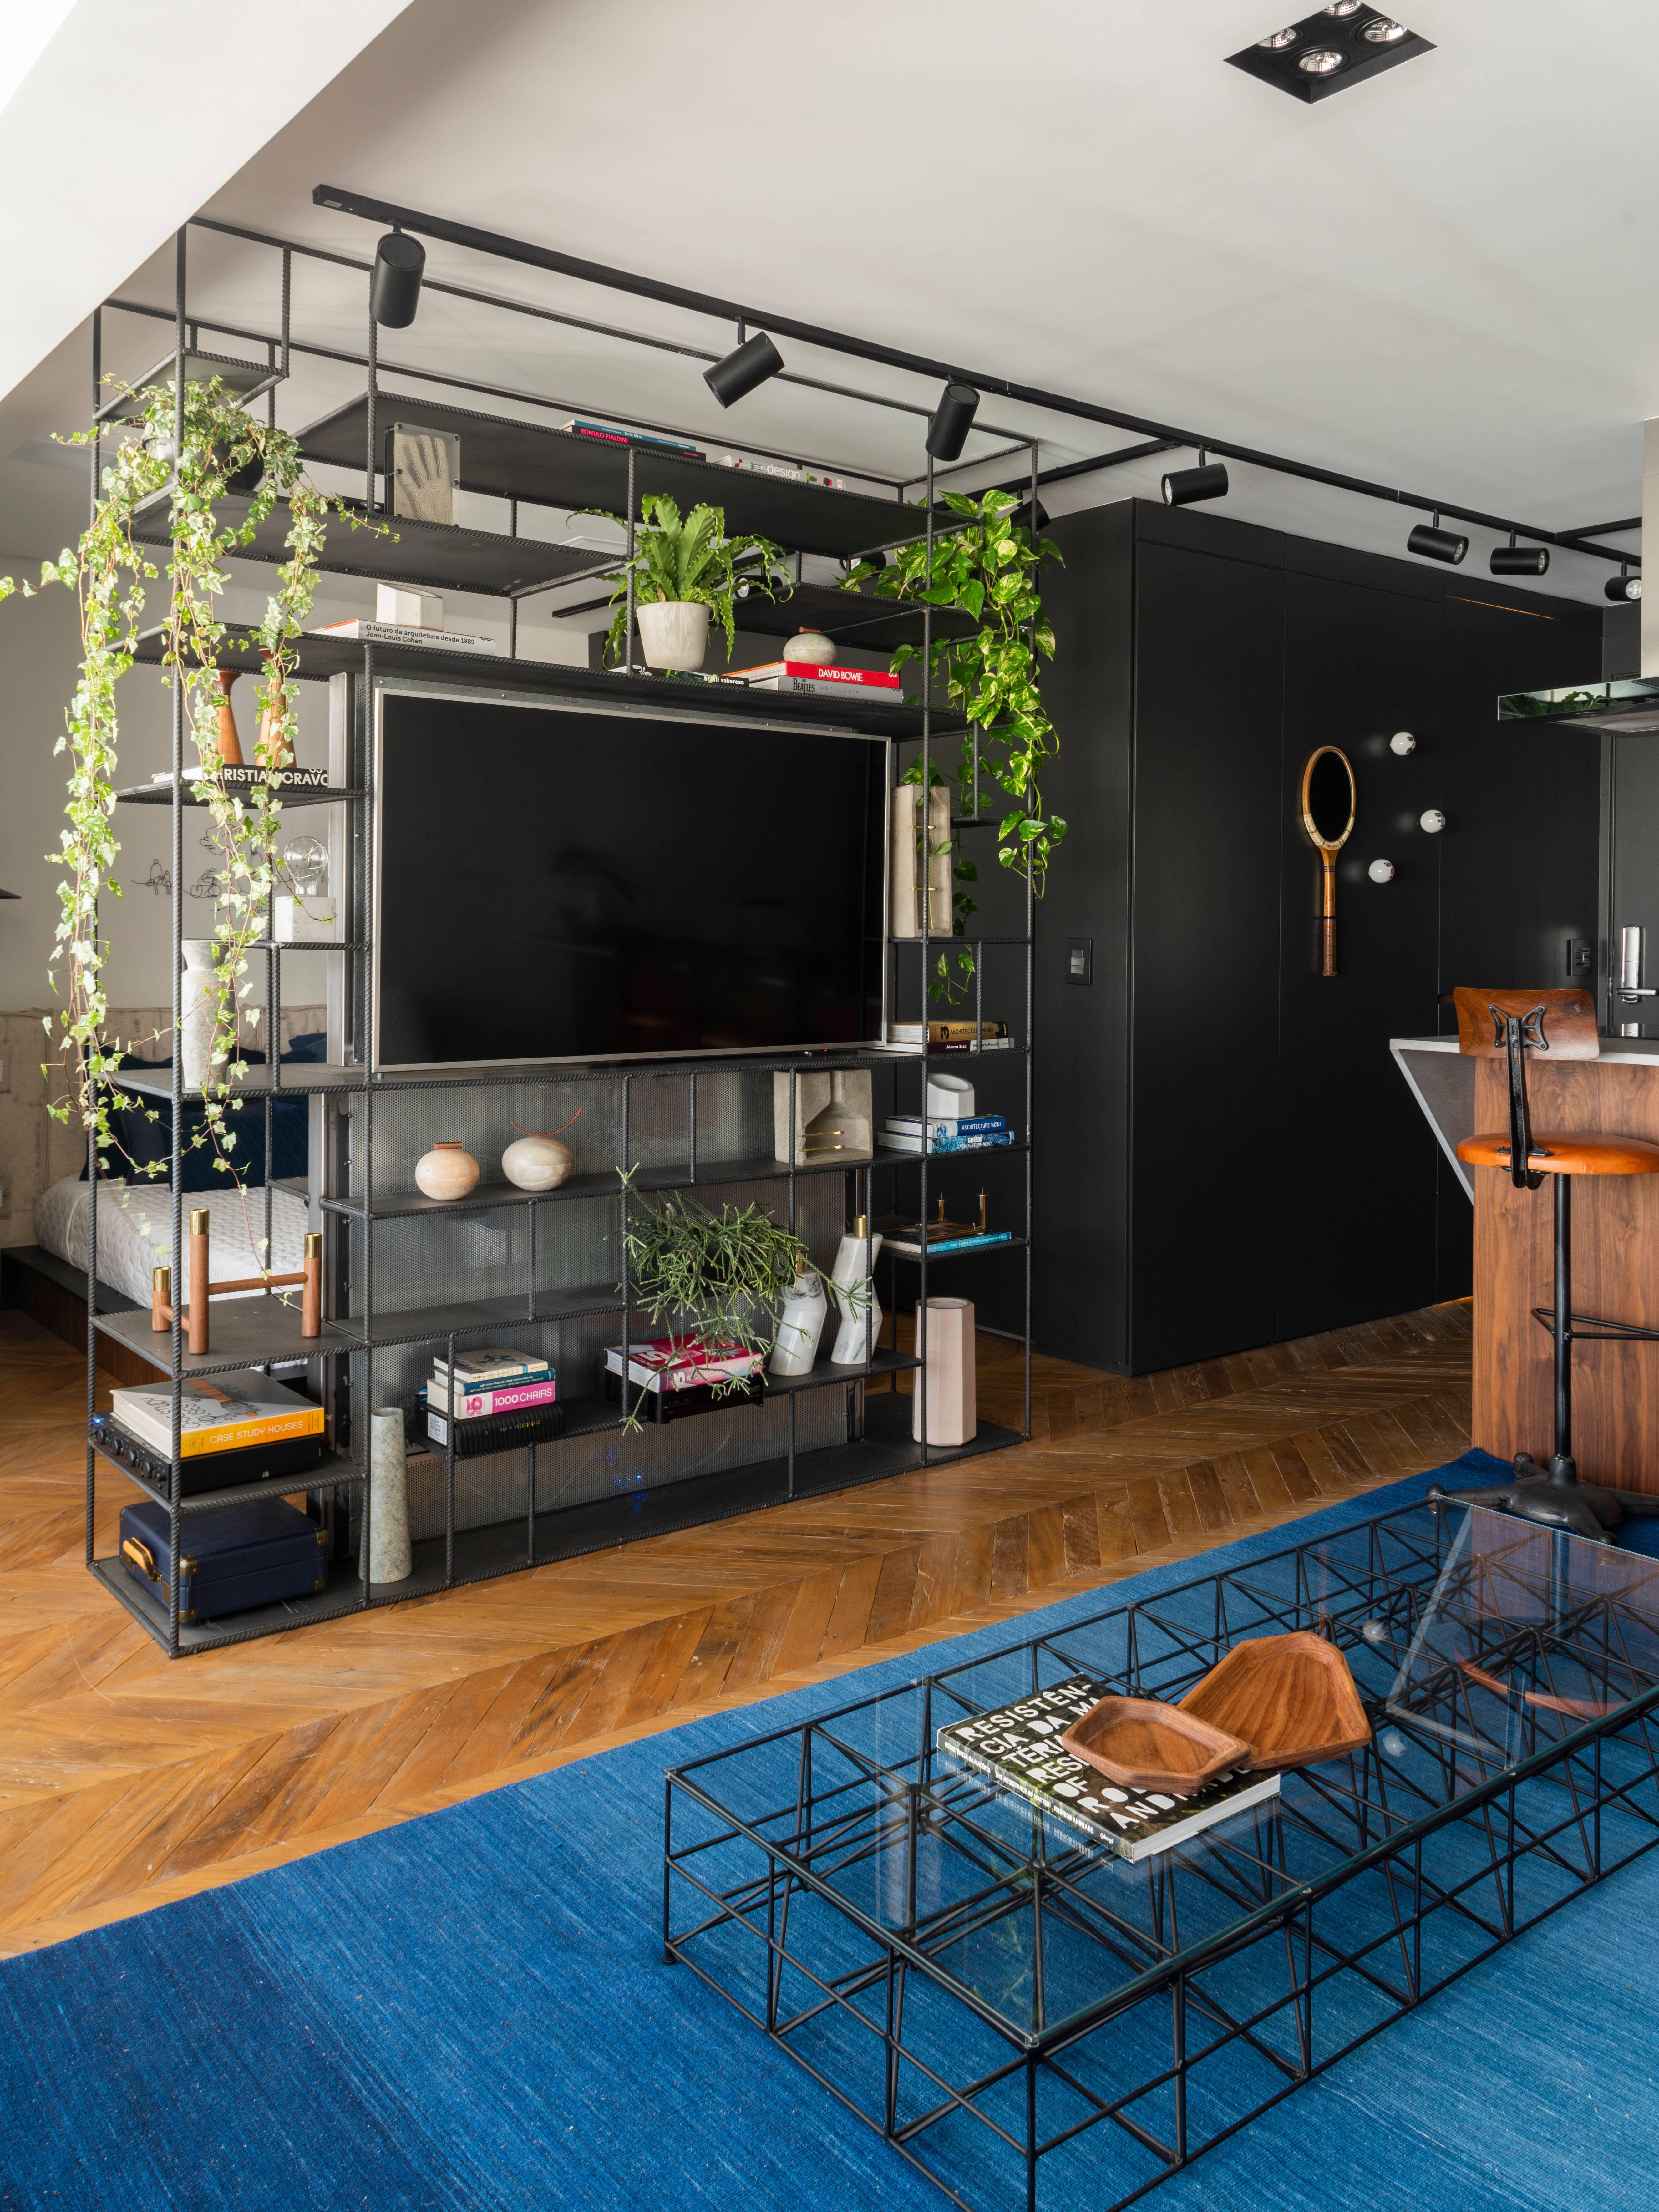 Em metal, estante delimita e integra os ambientes, servindo ao living e ao dormitório no projeto da Rua 141 e de Rafael Zalc. Foto: Divulgação